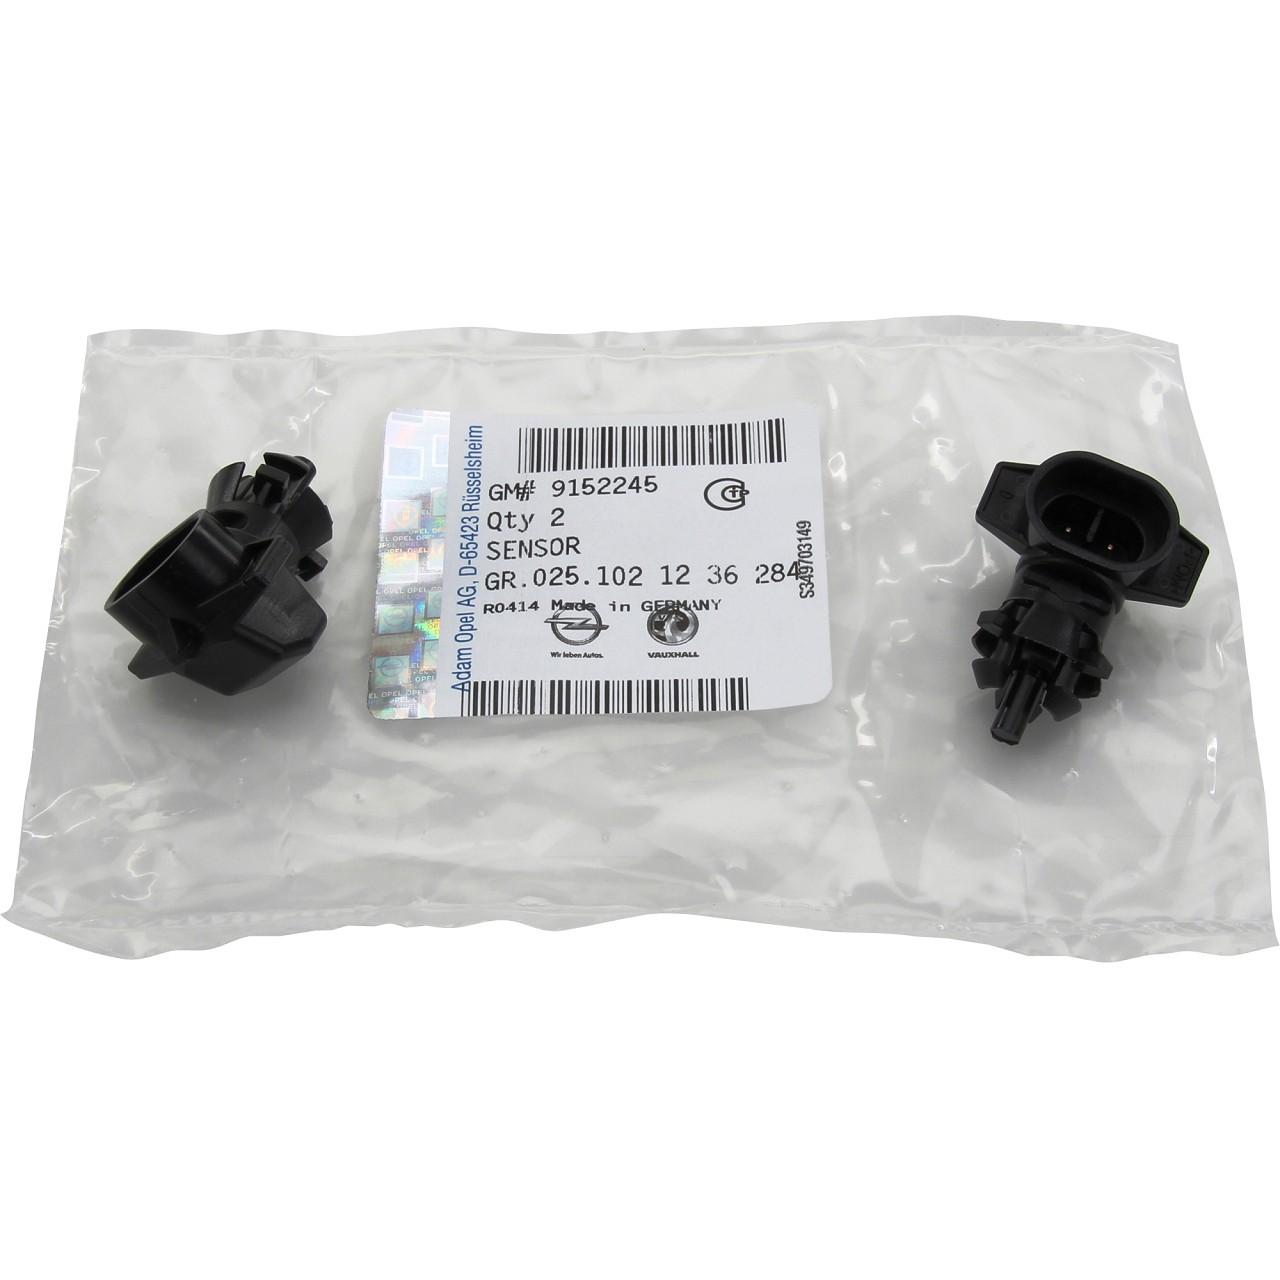 2x ORIGINAL Opel Temperaturgeber Außentemperatur Temperaturfühler Sensor 1236284